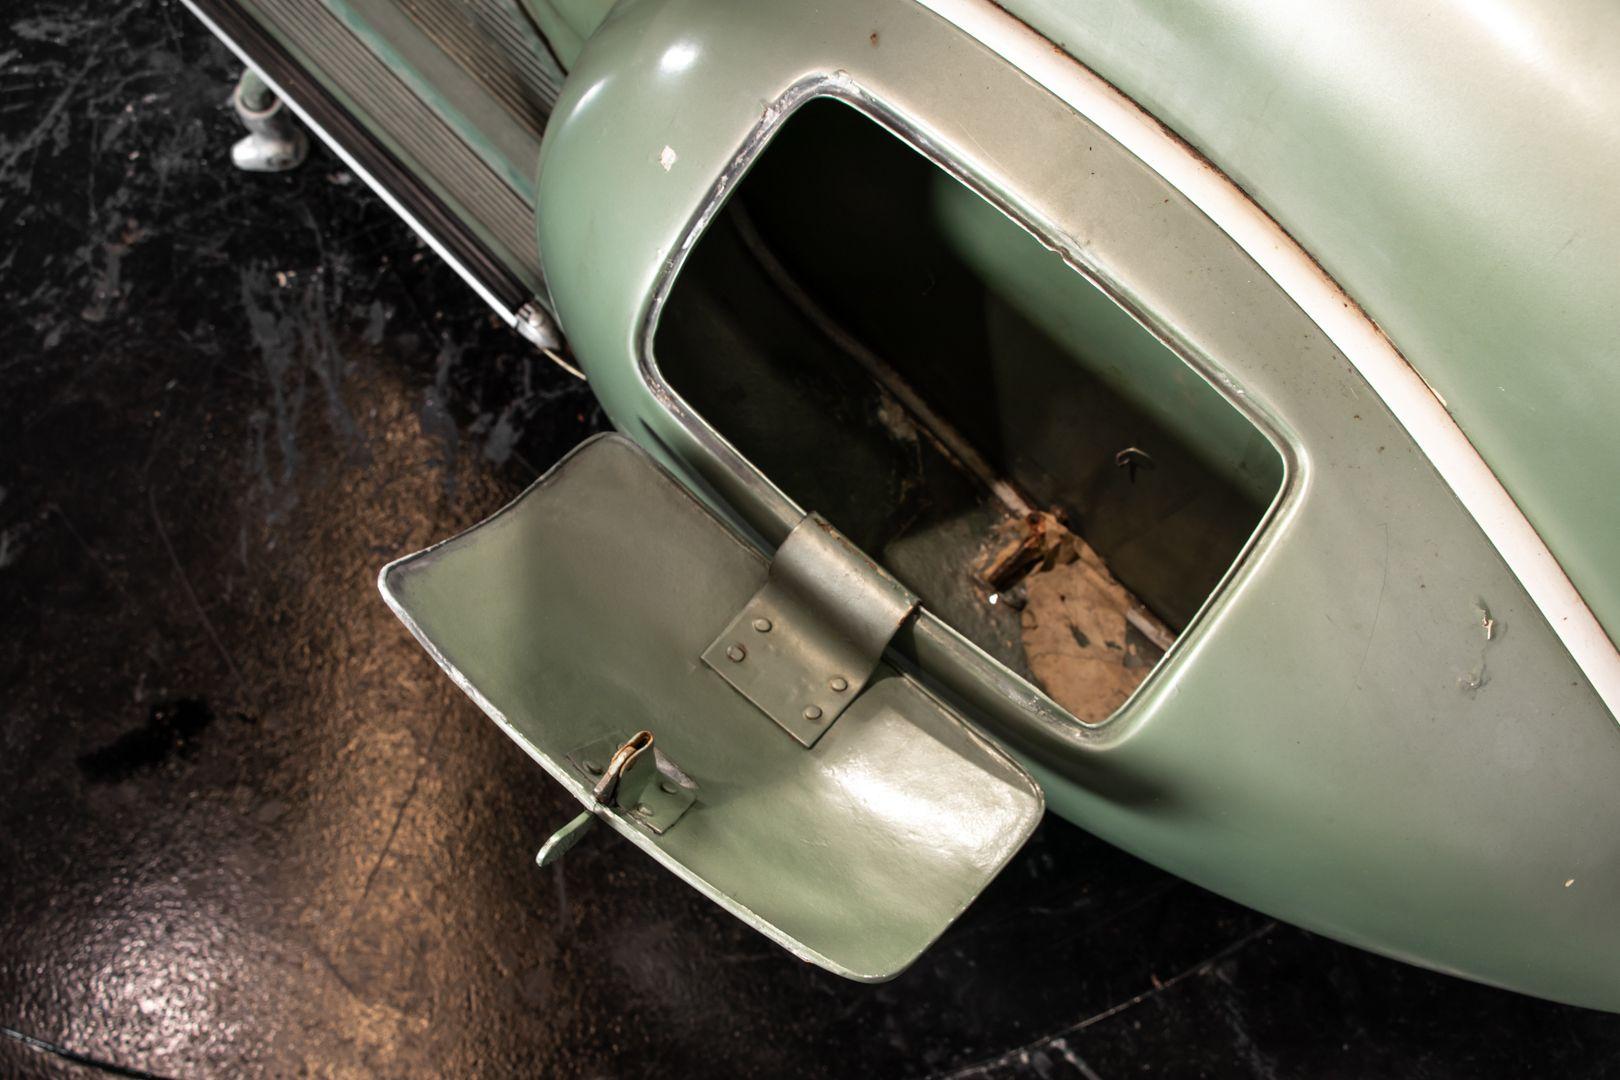 1951 Piaggio Vespa 125 51 V31 80382